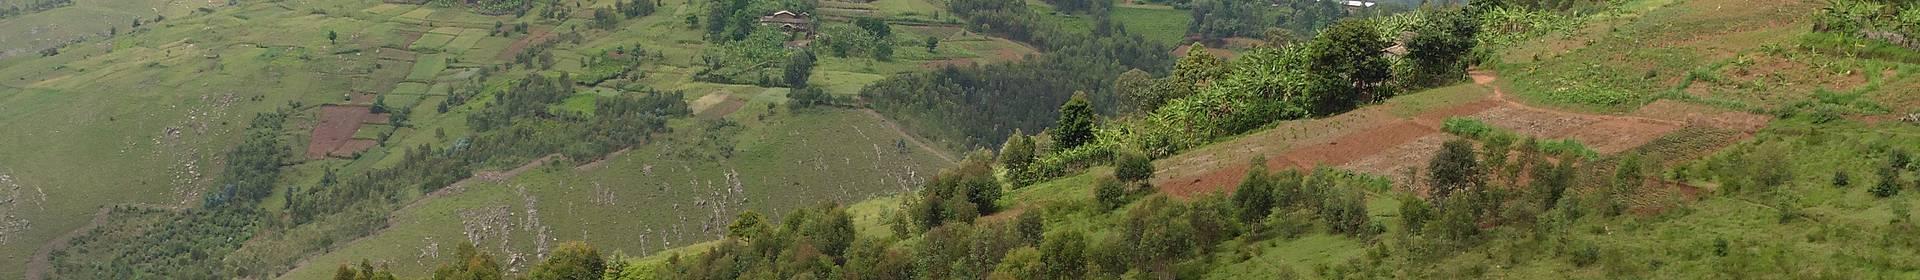 Nyakazu